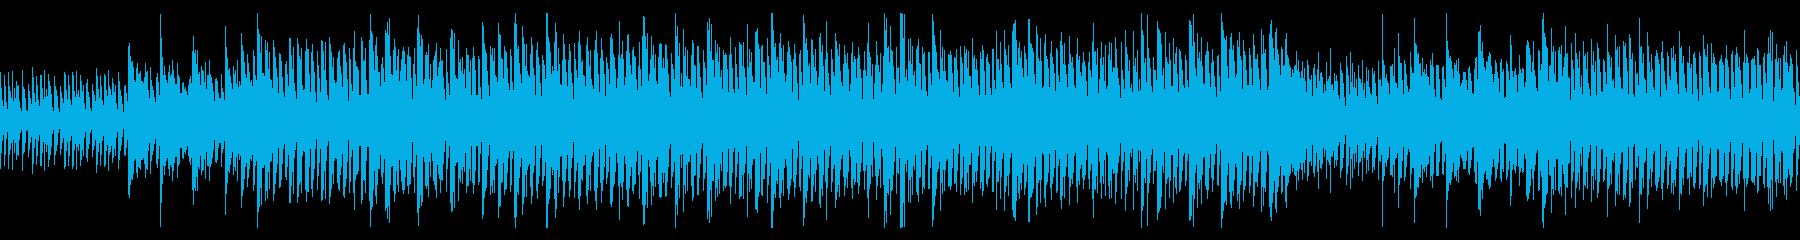 【ループ】独特なリズム、透明感がある曲の再生済みの波形